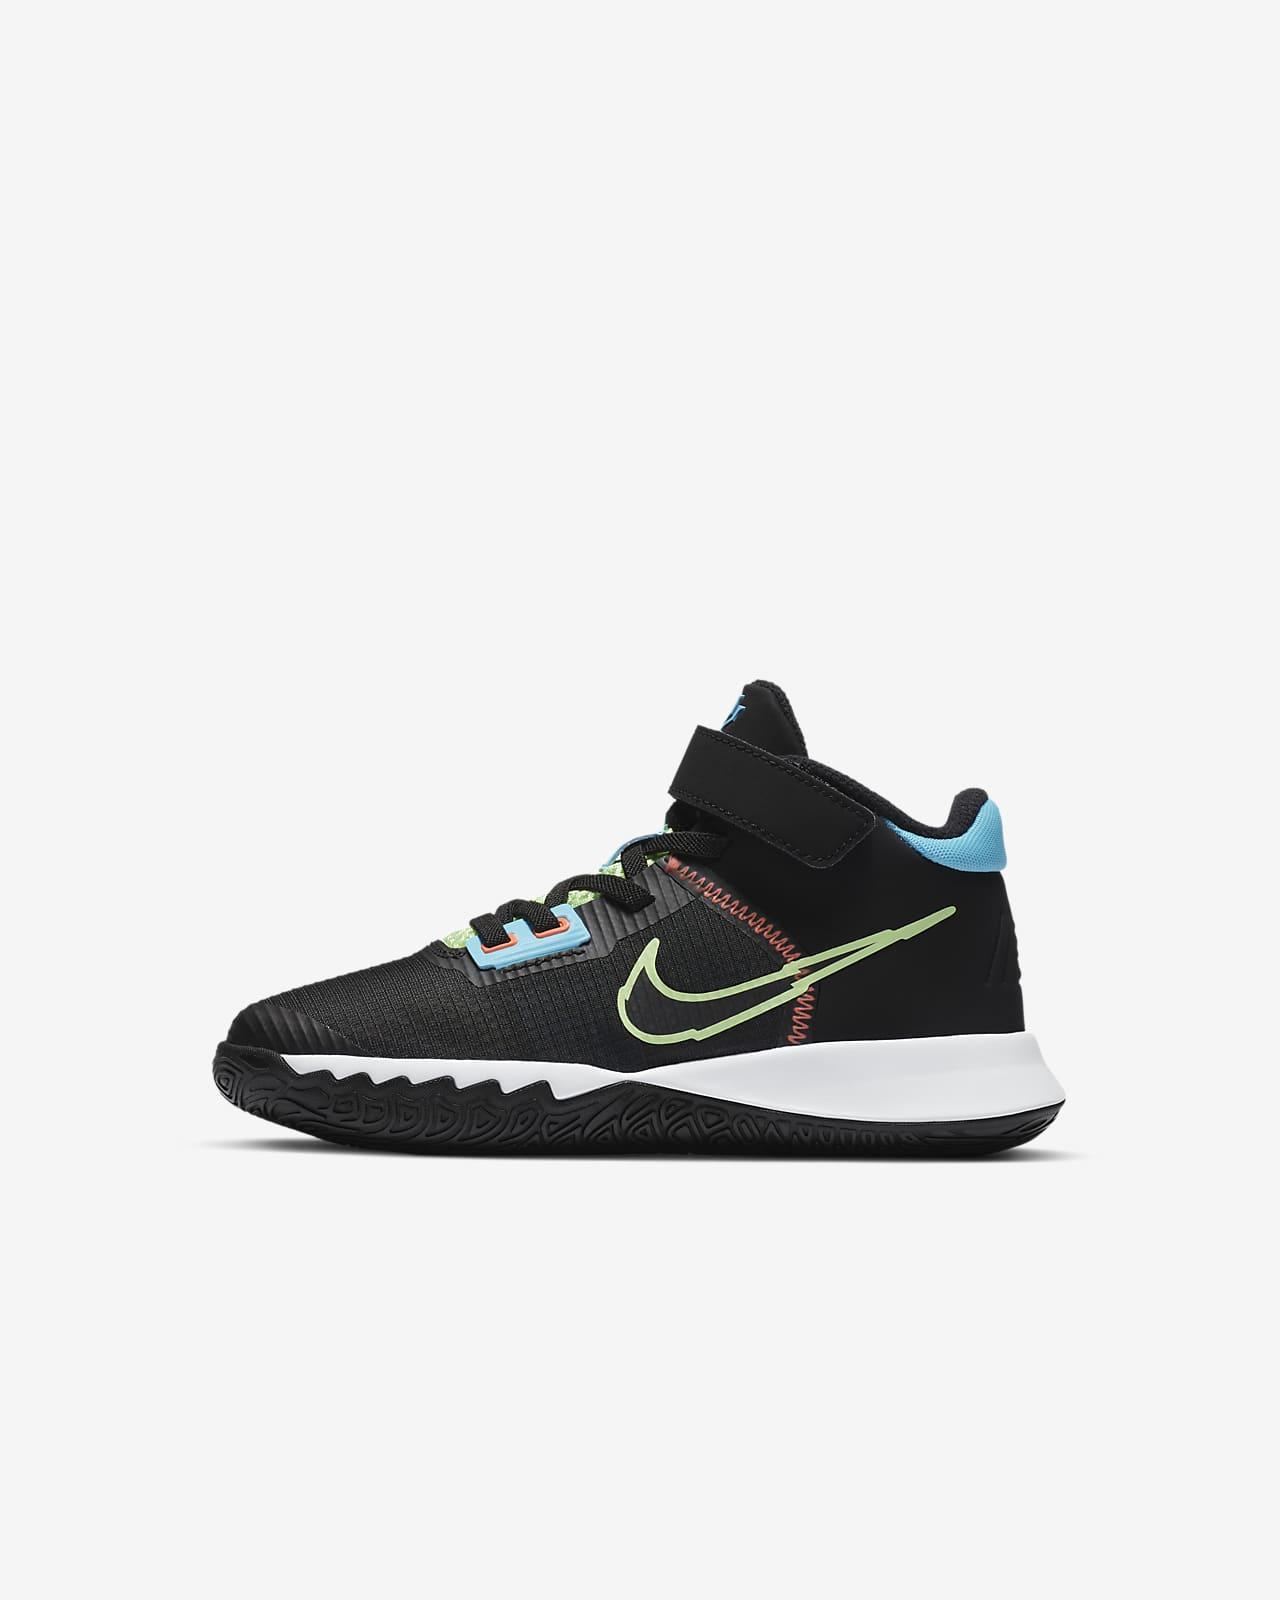 Kyrie Flytrap 4 Little Kids' Shoe